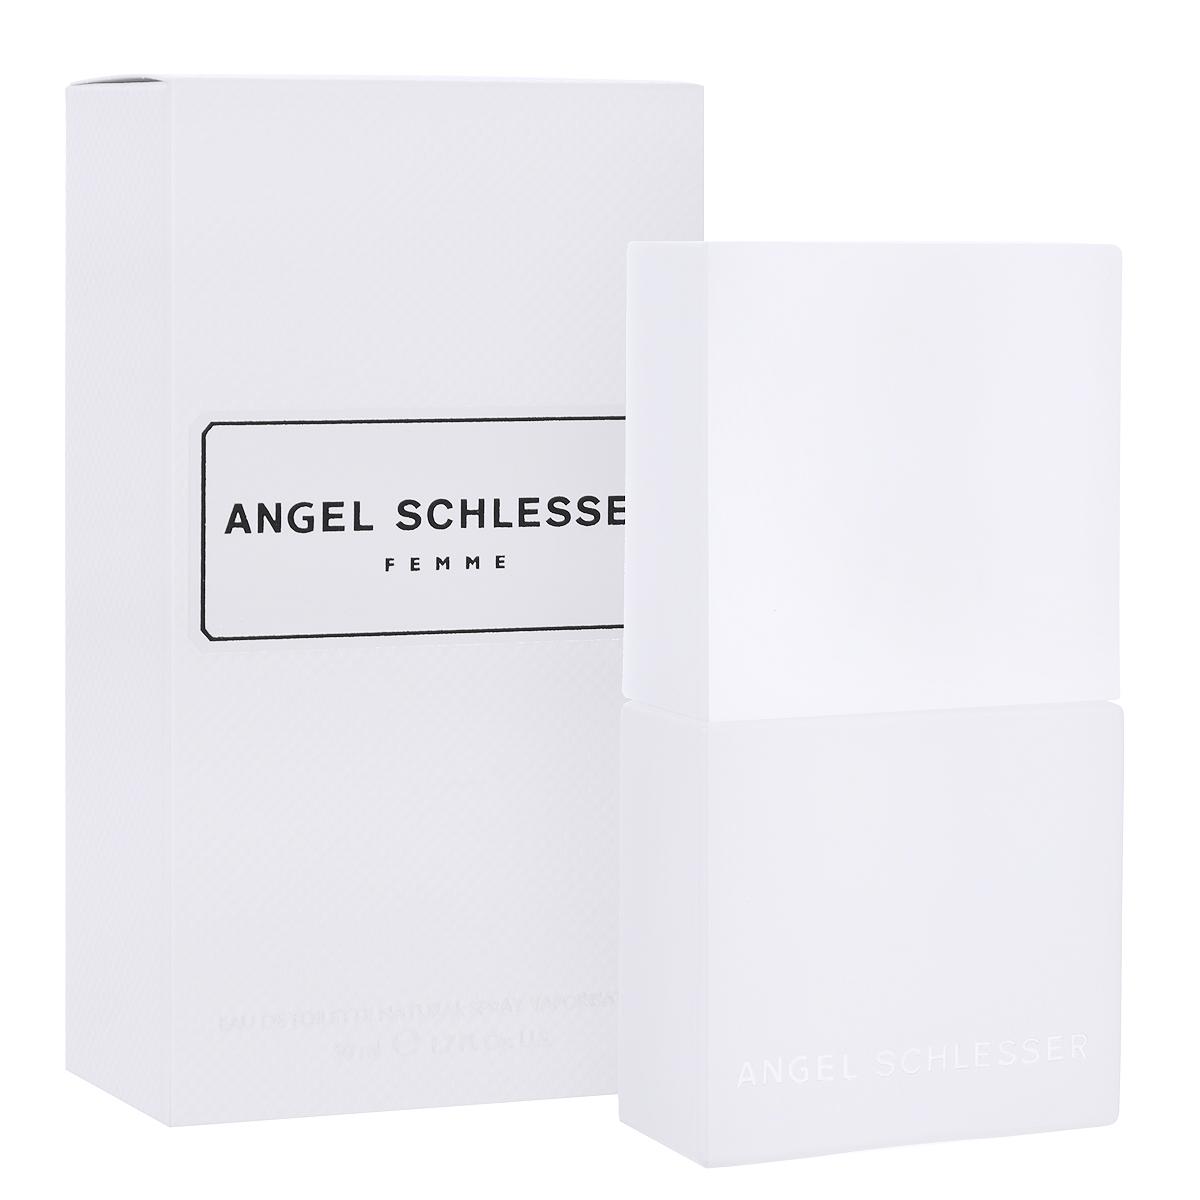 Angel Schlesser Туалетная вода Femme, женская, 50 мл44972Женский аромат Femme от Angel Schlesser прекрасно подойдет современным девушкам и женщинам, которые следят за новинками в мире моды и парфюмерии. Создатель аромата - один из самых знаменитых носов Альберто Мориллас. Прозрачность и яркость - абстрактные понятия, но благодаря молекуле второго поколения Гедиону, усиливающей степень и объем распространения аромата, парфюмеру удалось воплотить их в уникальной формуле, удивительно непохожей на другие, соблазнительной и разоблачающей.Классификация аромата: цветочный, цитрусовый.Пирамида аромата:Верхние ноты: бергамот, мандарин, нероли, корень можжевельника.Ноты сердца: лепестки ландыша, Гедион, зеленый и красный перец.Ноты шлейфа:кардамон, шалфей, белый мускус. Ключевые словасвежий, элегантный, чувственный! Туалетная вода - один из самых популярных видов парфюмерной продукции. Туалетная вода содержит 4-10%парфюмерного экстракта. Главные достоинства данного типа продукции заключаются в доступной цене, разнообразии форматов (как правило, 30, 50, 75, 100 мл), удобстве использования (чаще всего - спрей). Идеальна для дневного использования. Товар сертифицирован.